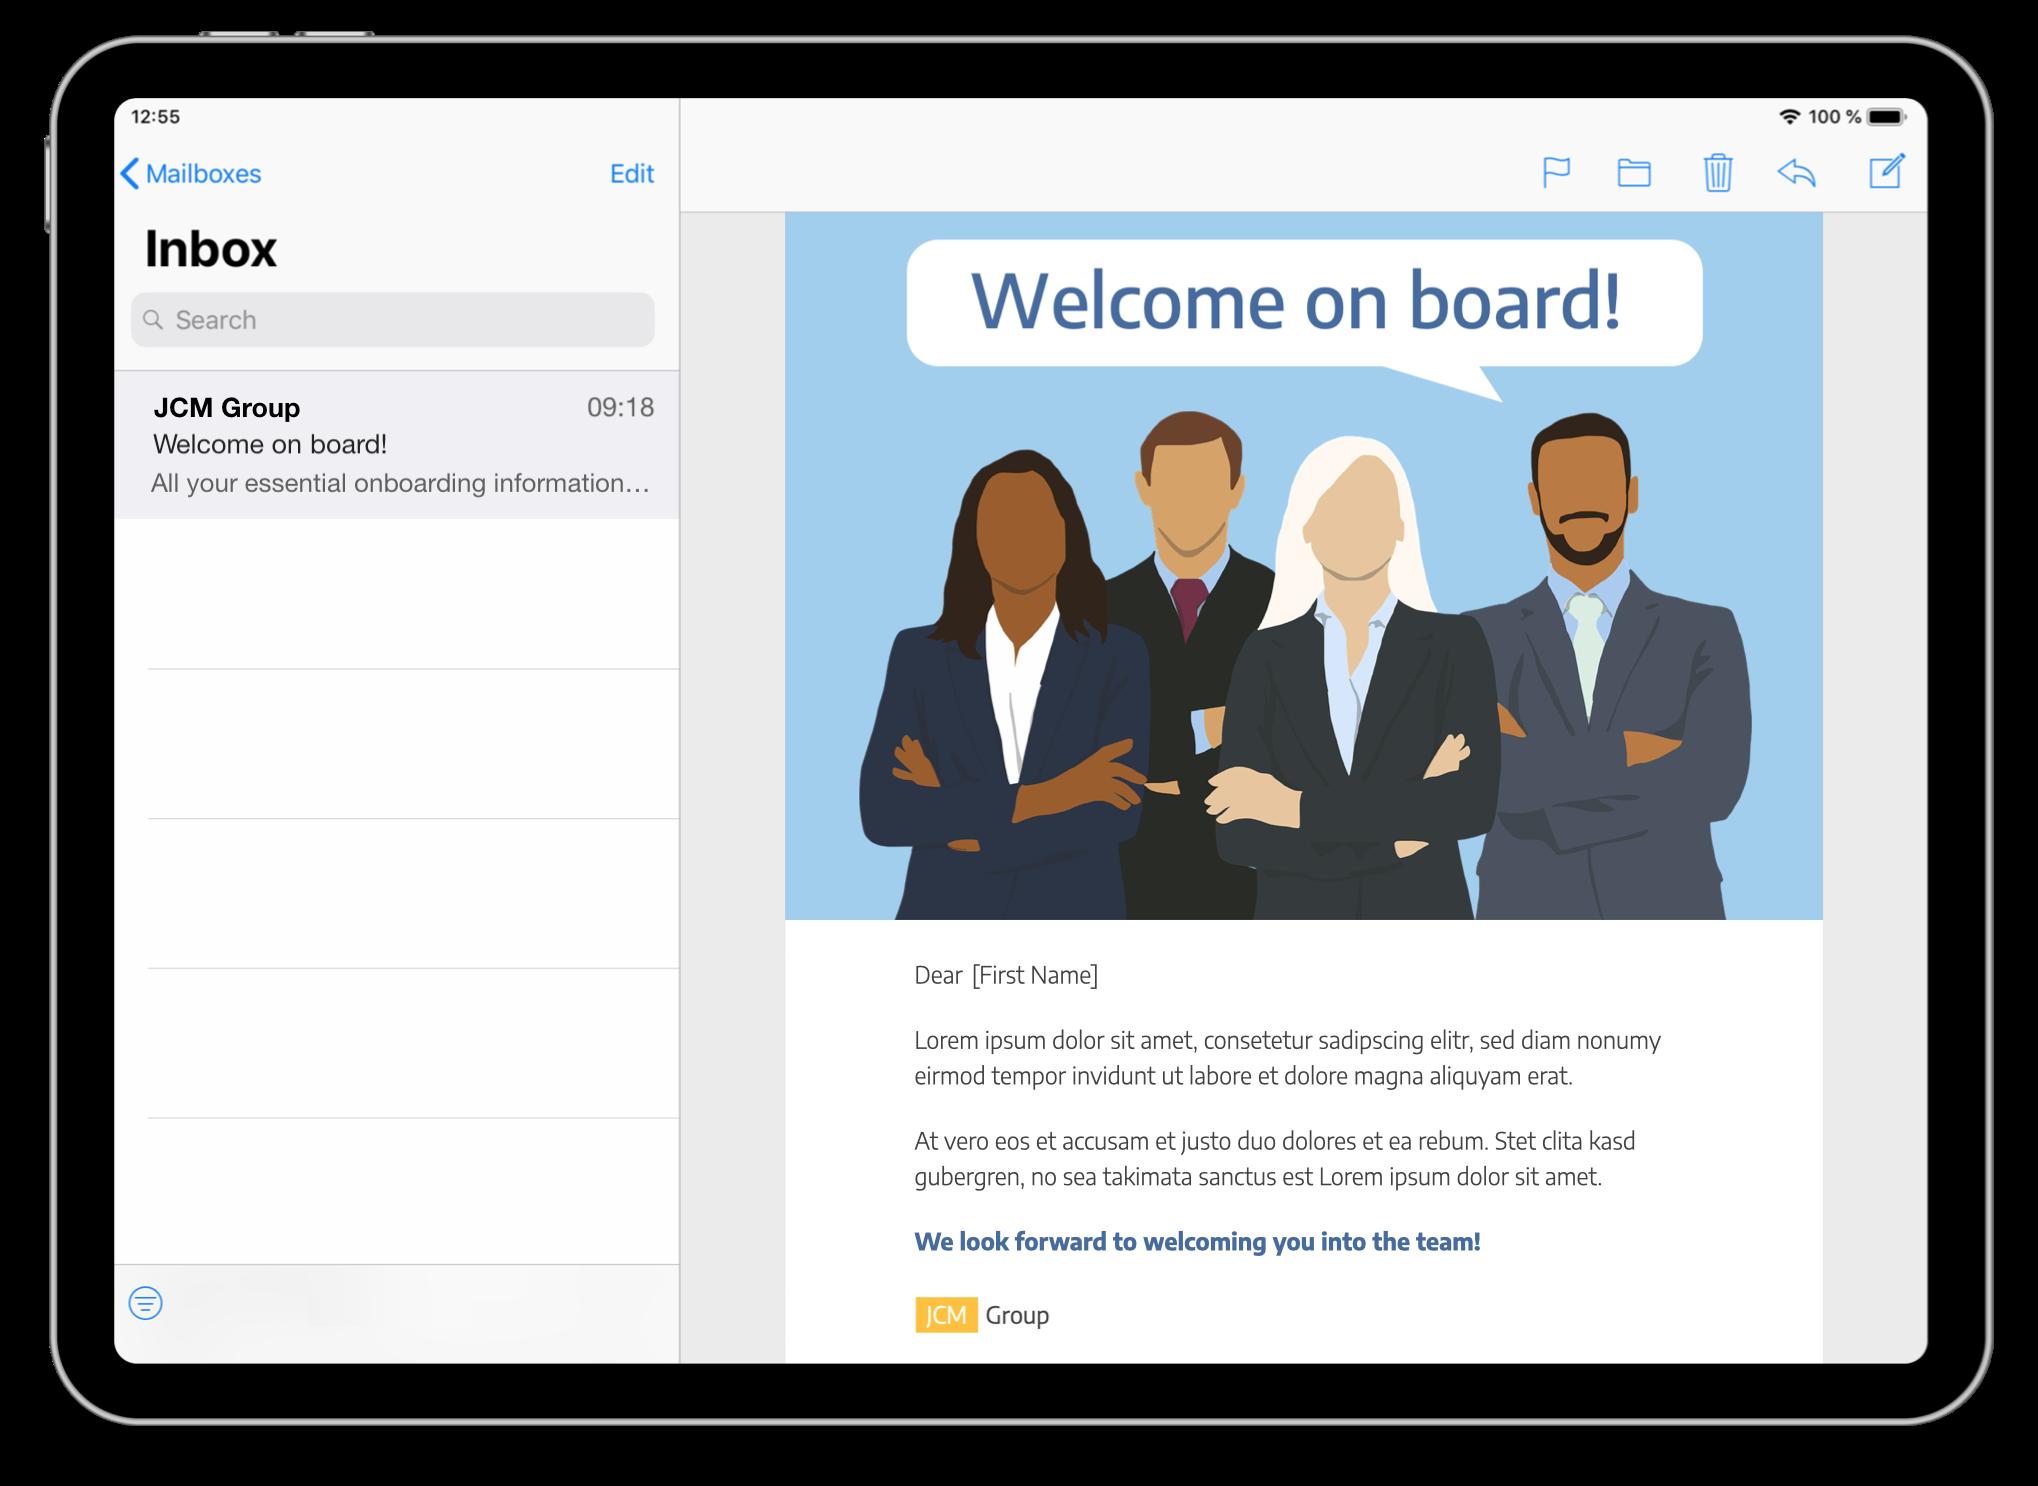 onboarding email designed in mail designer 365